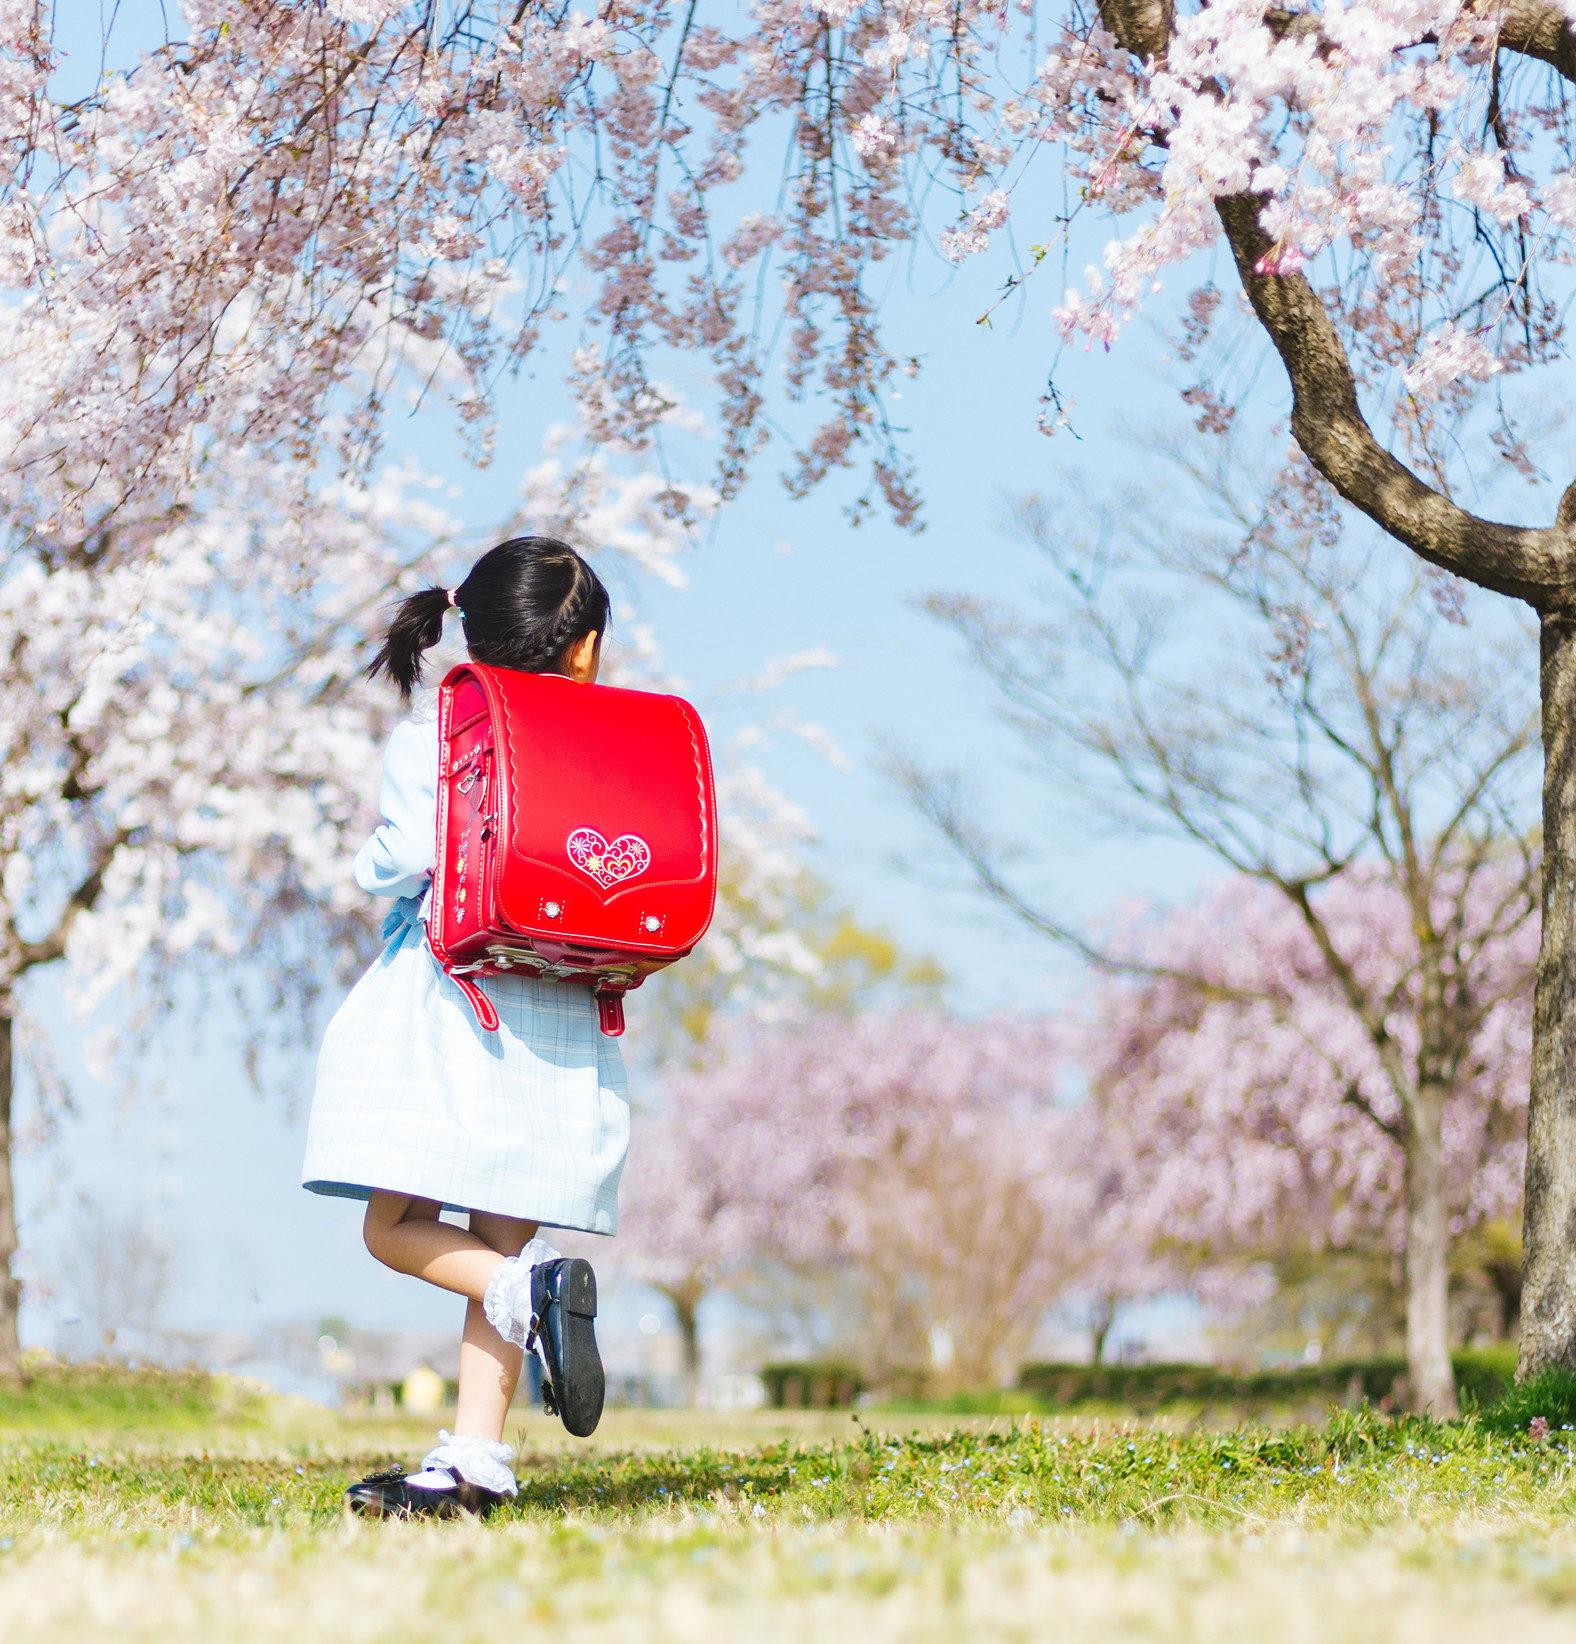 小学校入学までに準備しておきたい6つの心構えと生活習慣の見直し!